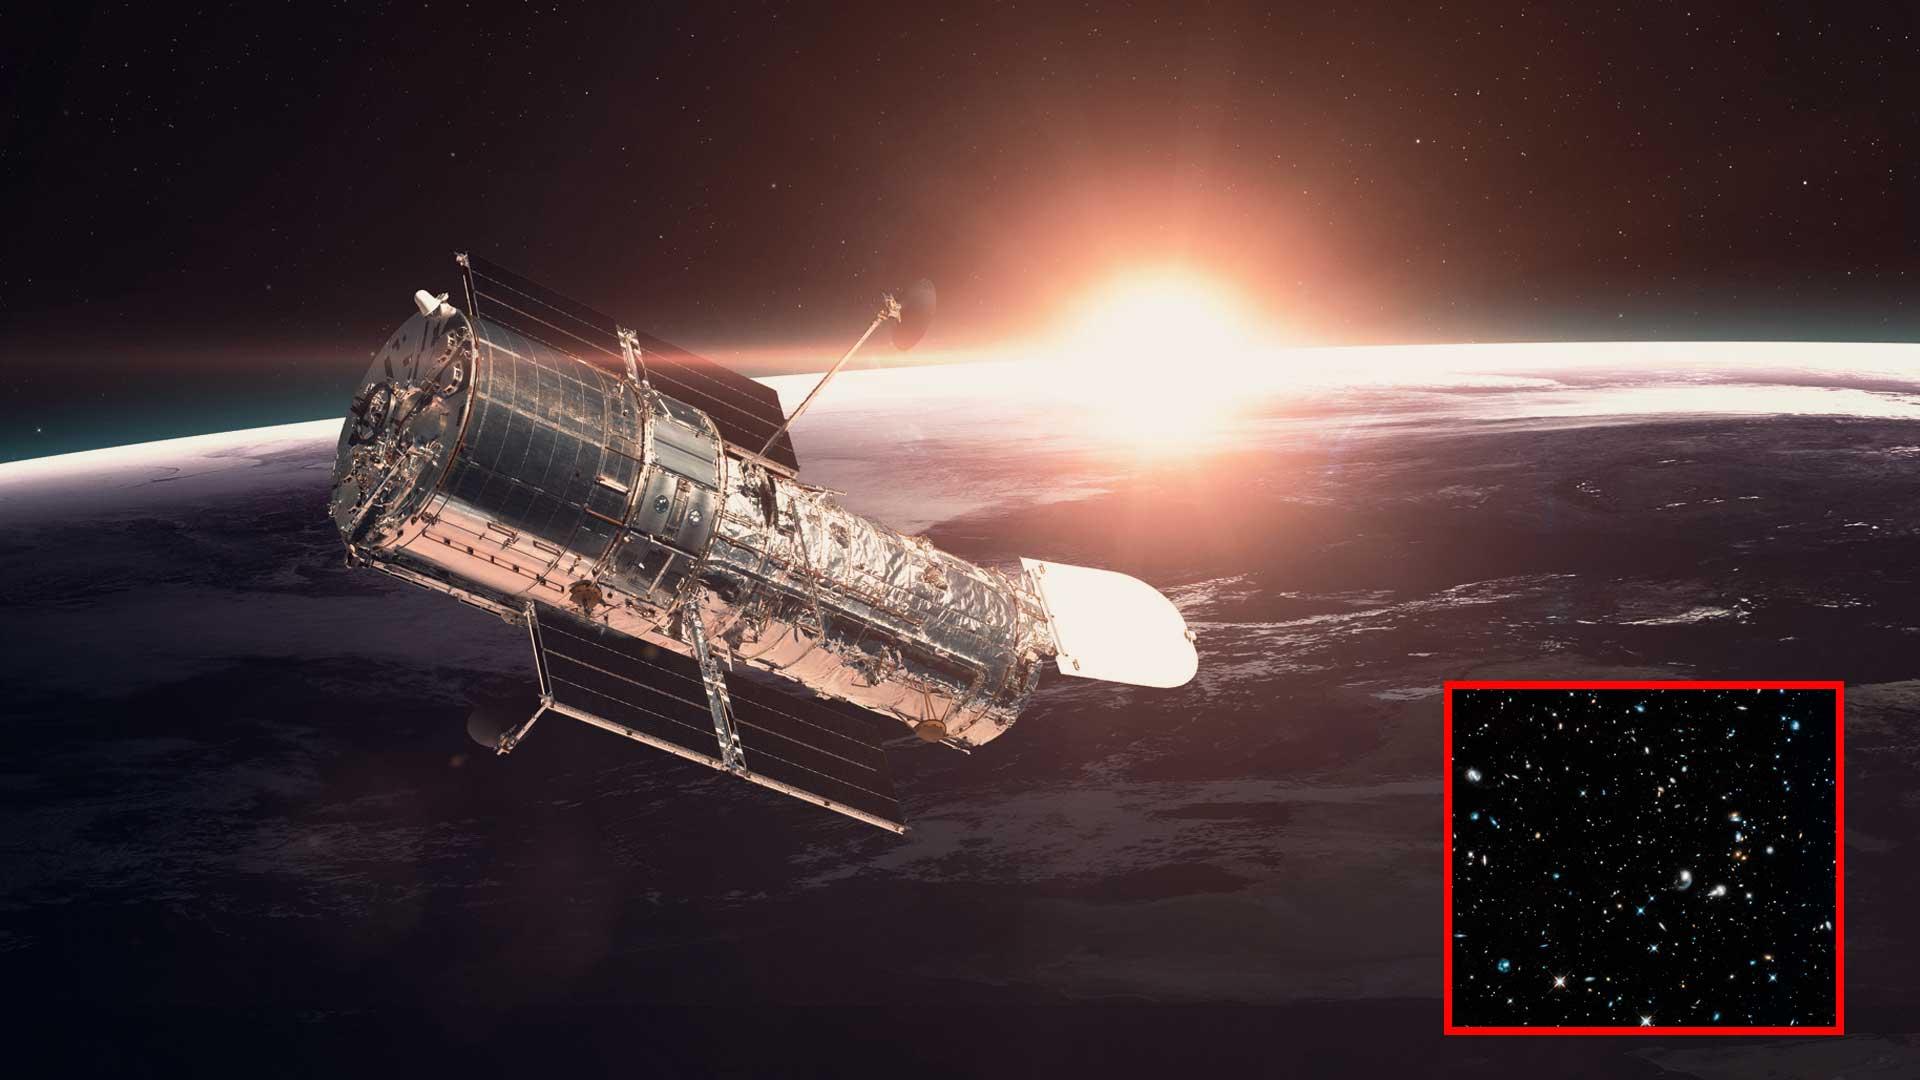 Hubble vuelve a la vida y nos envía una espectacular primera imagen luego de salir del modo seguro